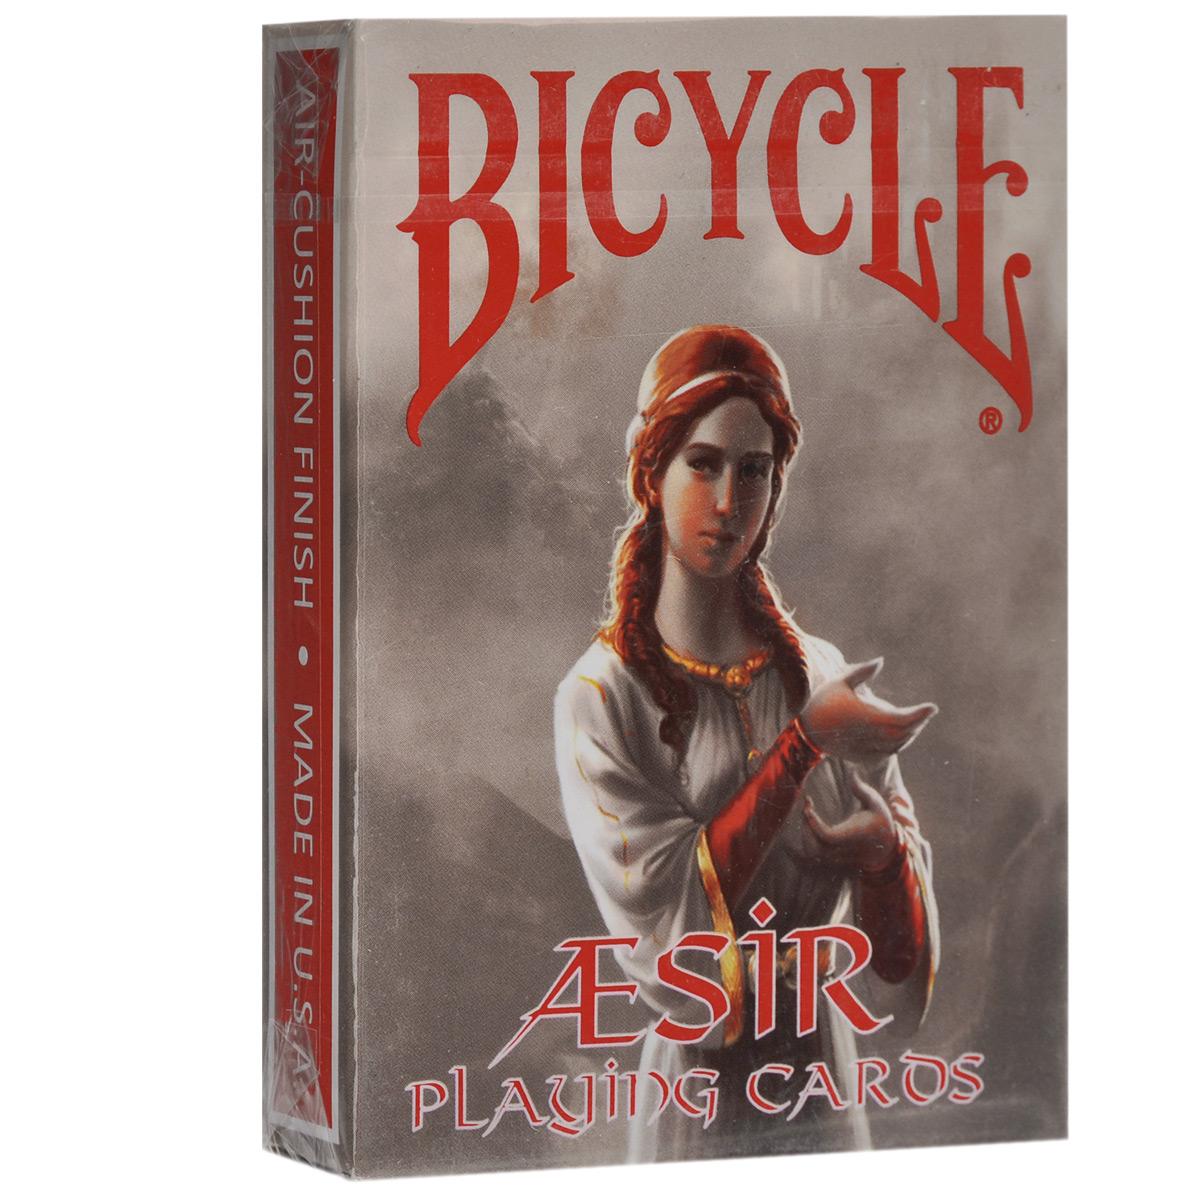 Игральные карты Bicycle AEsir - Боги Викингов, цвет: красный, 56 штК-386Игральные карты Bicycle AEsir - Боги Викингов изготовлены из многослойного картона с пластиковым покрытием, которое сохранит карты от выцветания и изнашивания. За основу этой впечатляющей колоды взяты сказки о скандинавских богах. Каждая карта тщательно прорисована и несет определенный смысл. Идеальный вариант как для новичков, так и для профессионалов. Карты идеально подходят для фокусов, пасьянсов и карточных игр.